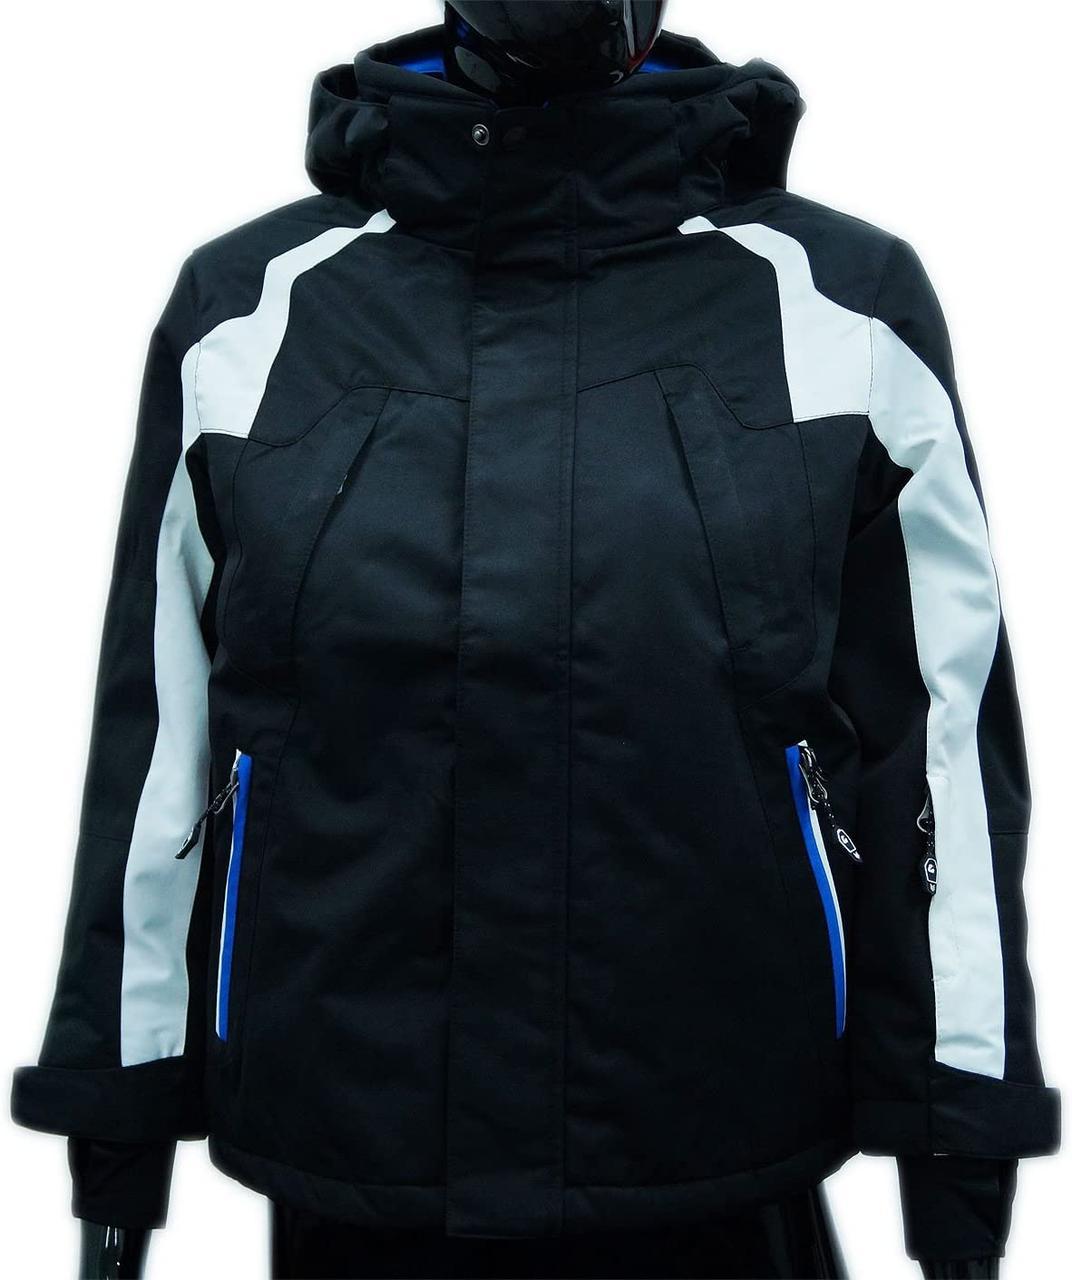 Підліткова гірськолижна куртка Killtec Tasos Jr  - 176 см